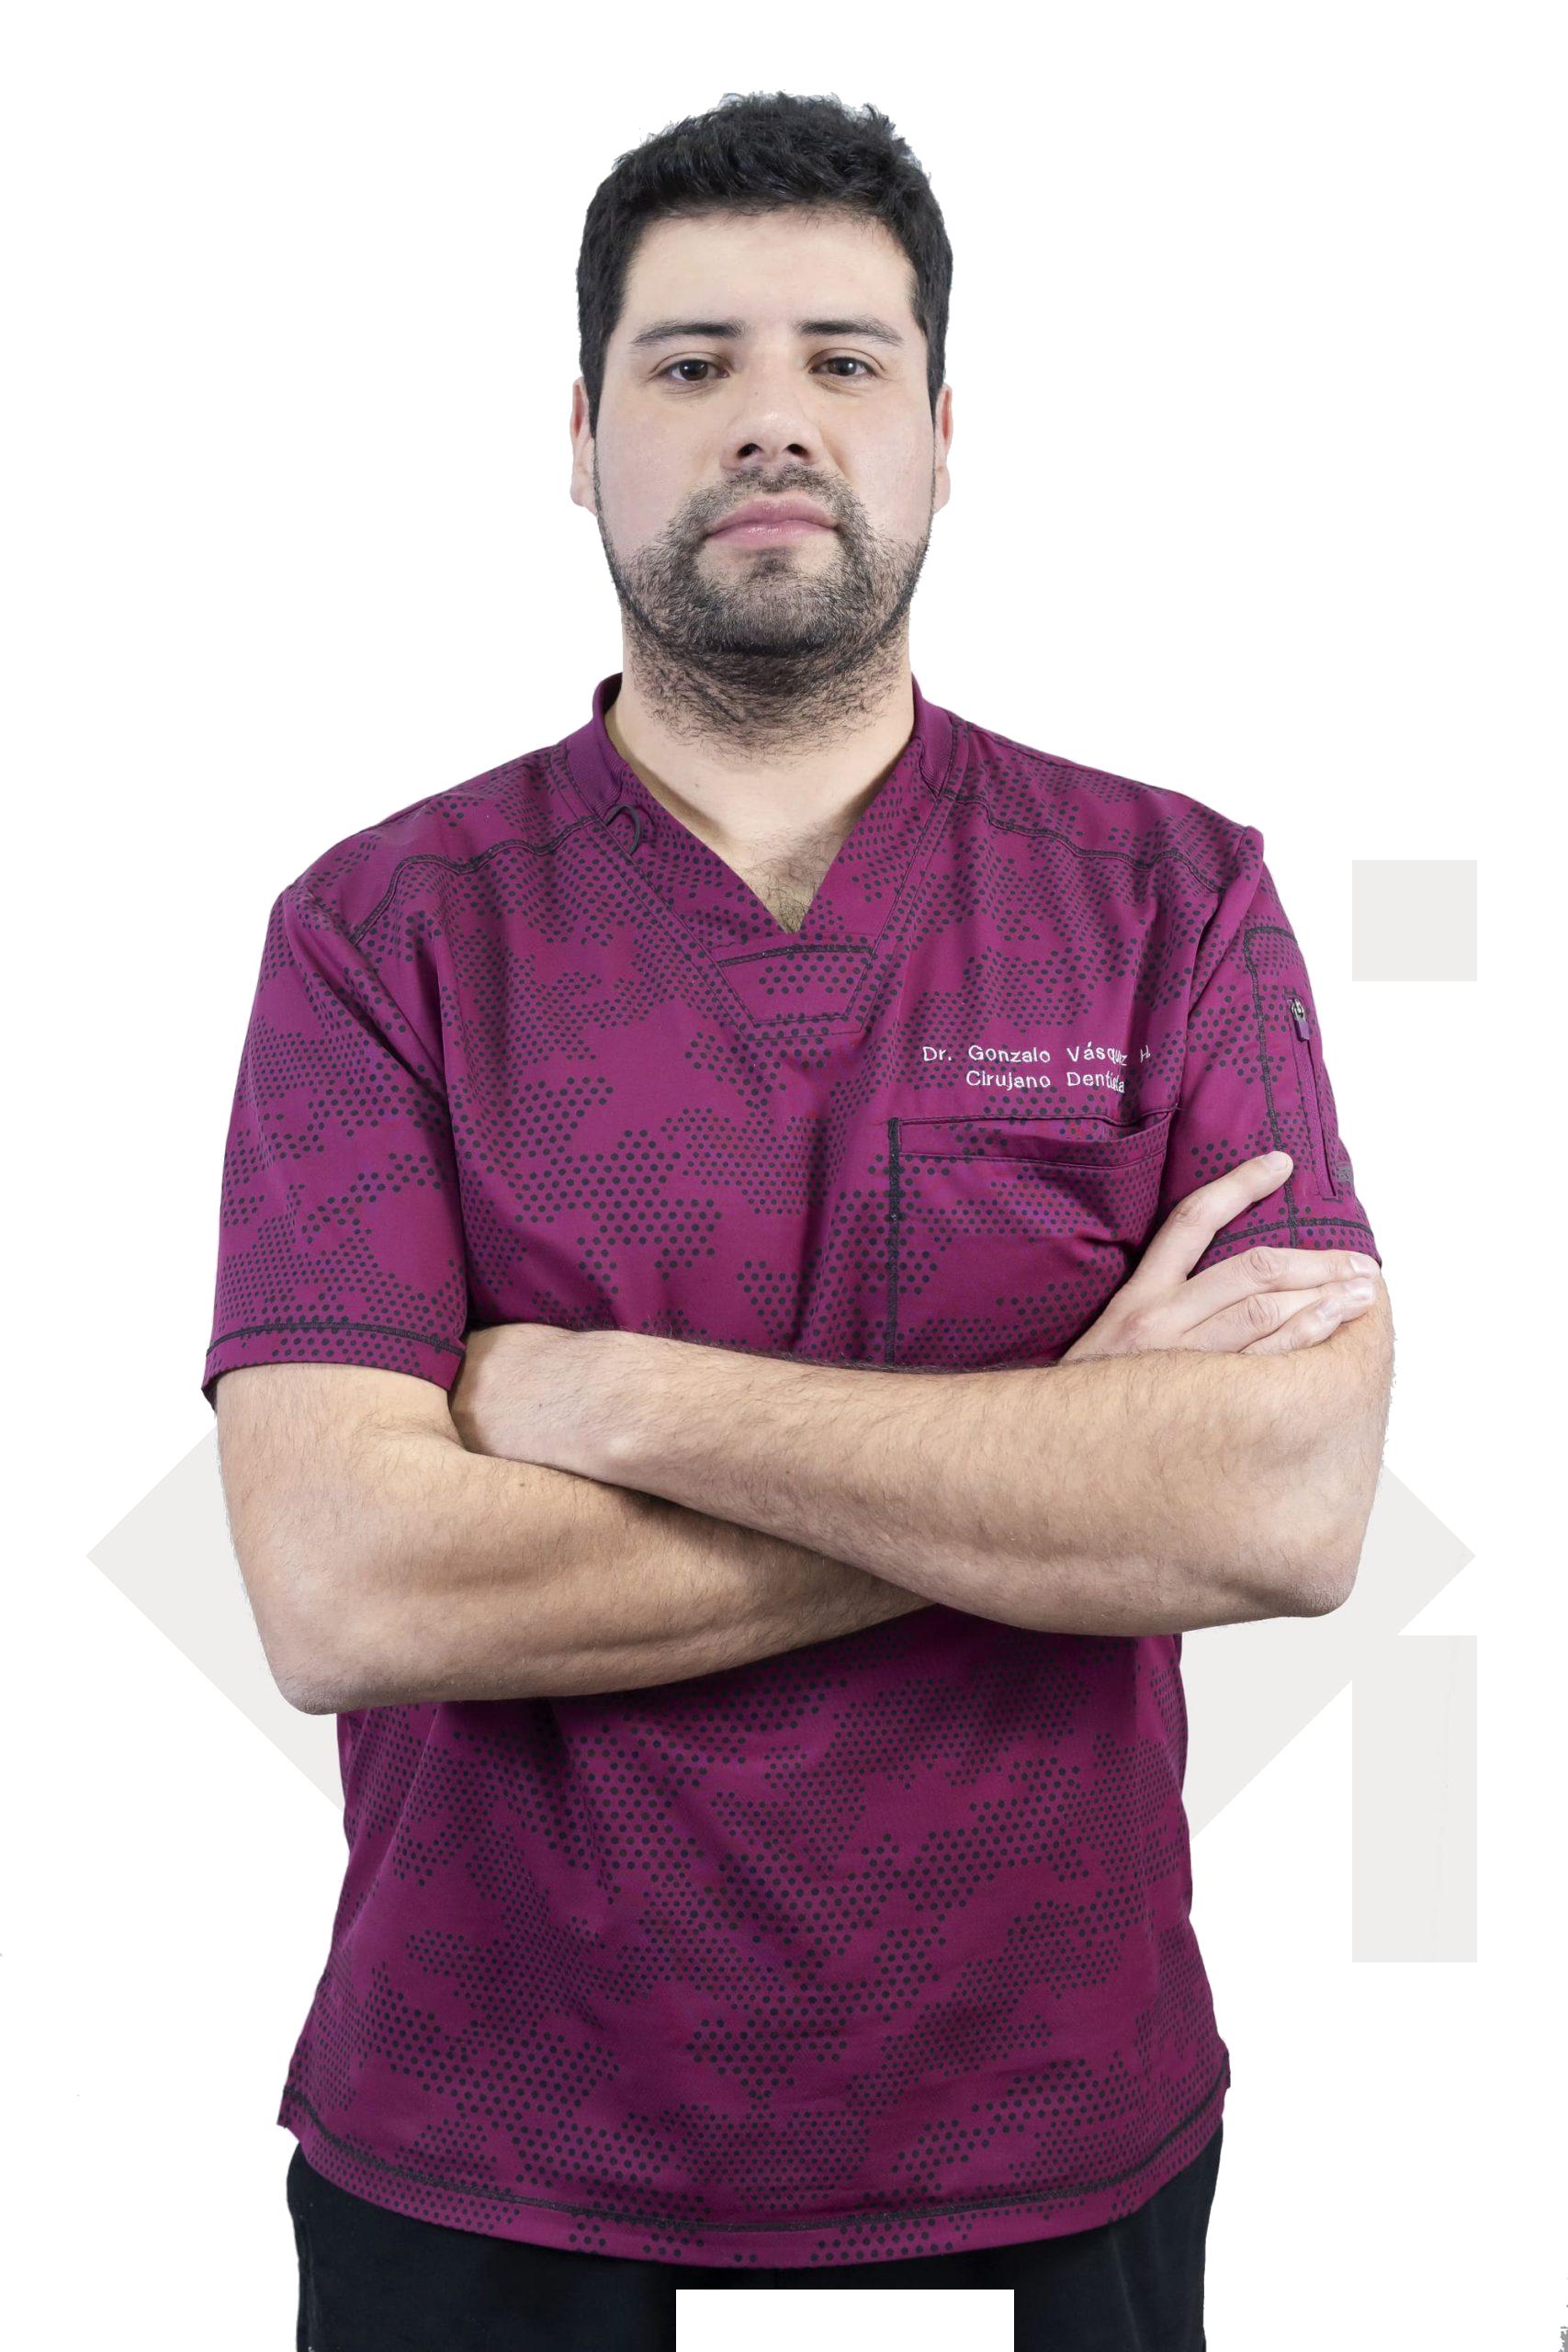 DR. GONZALO VASQUEZ